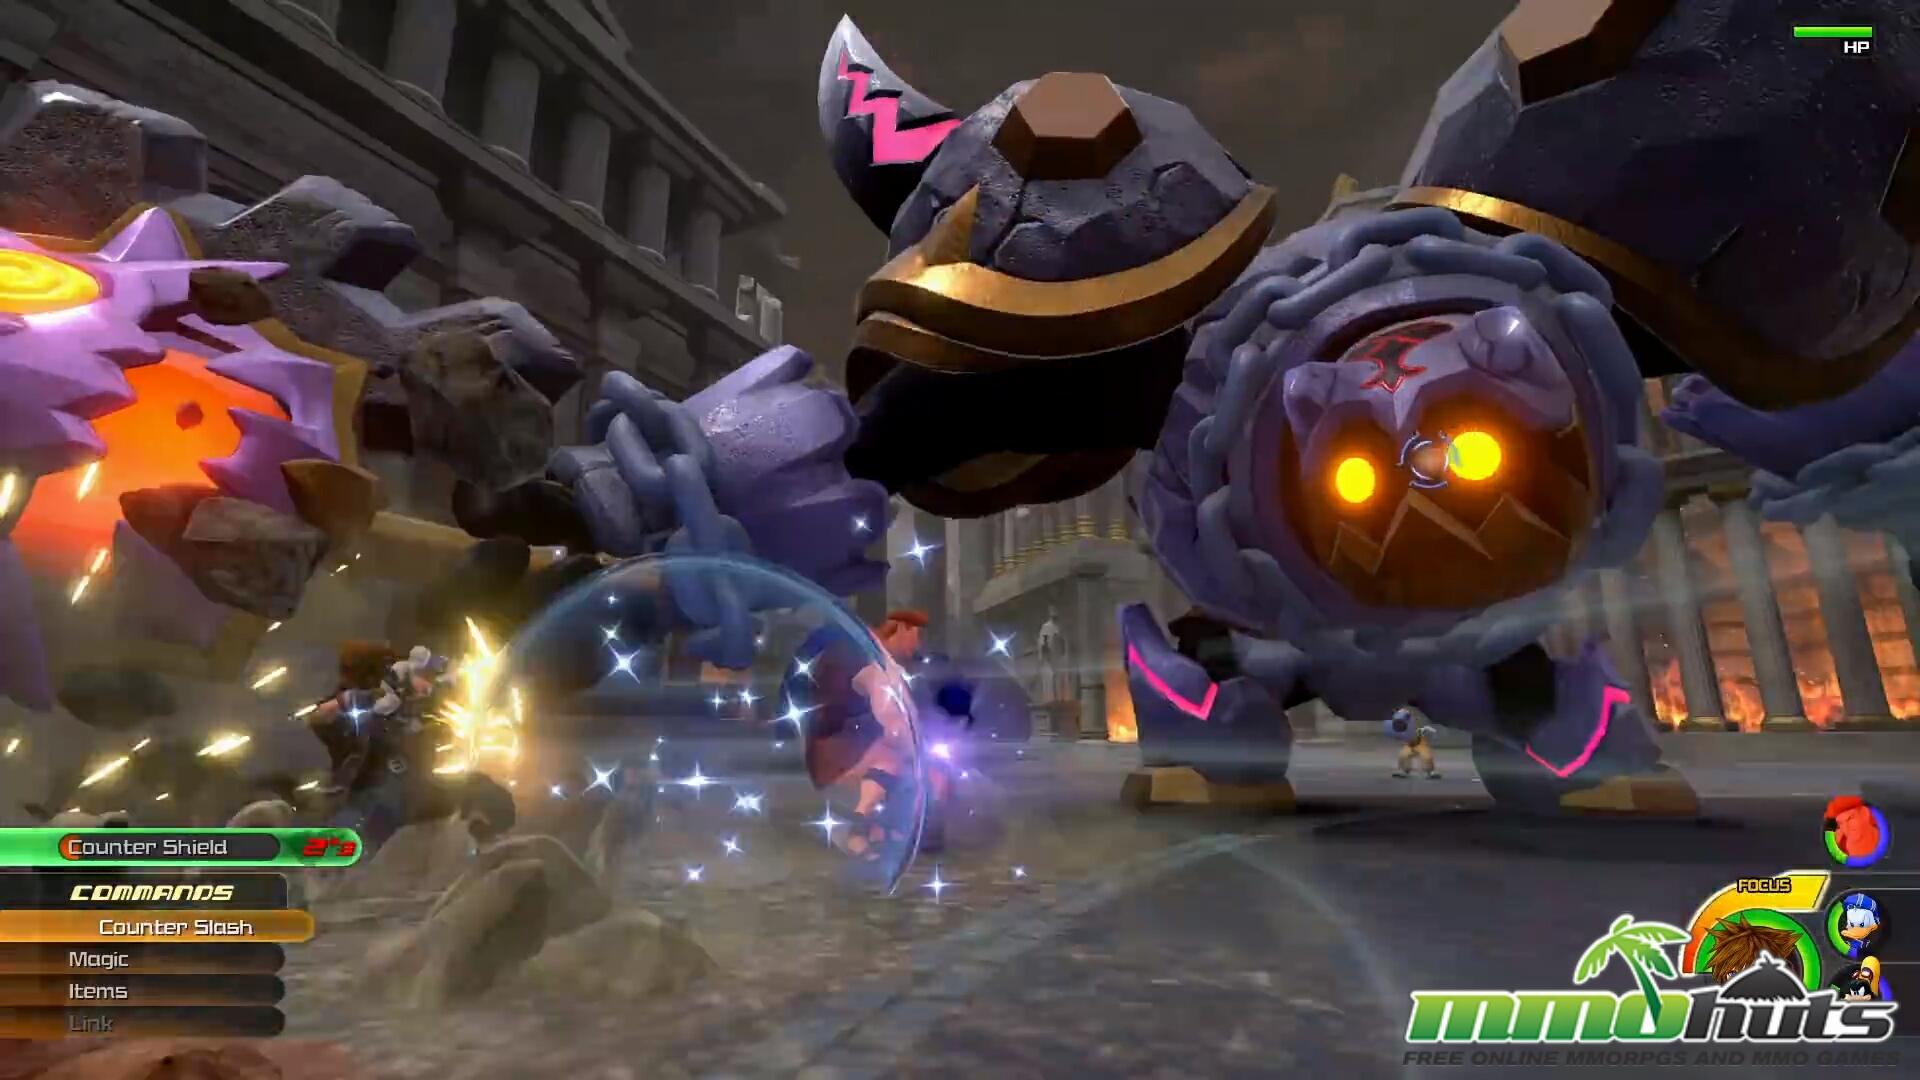 Kingdom Hearts III07